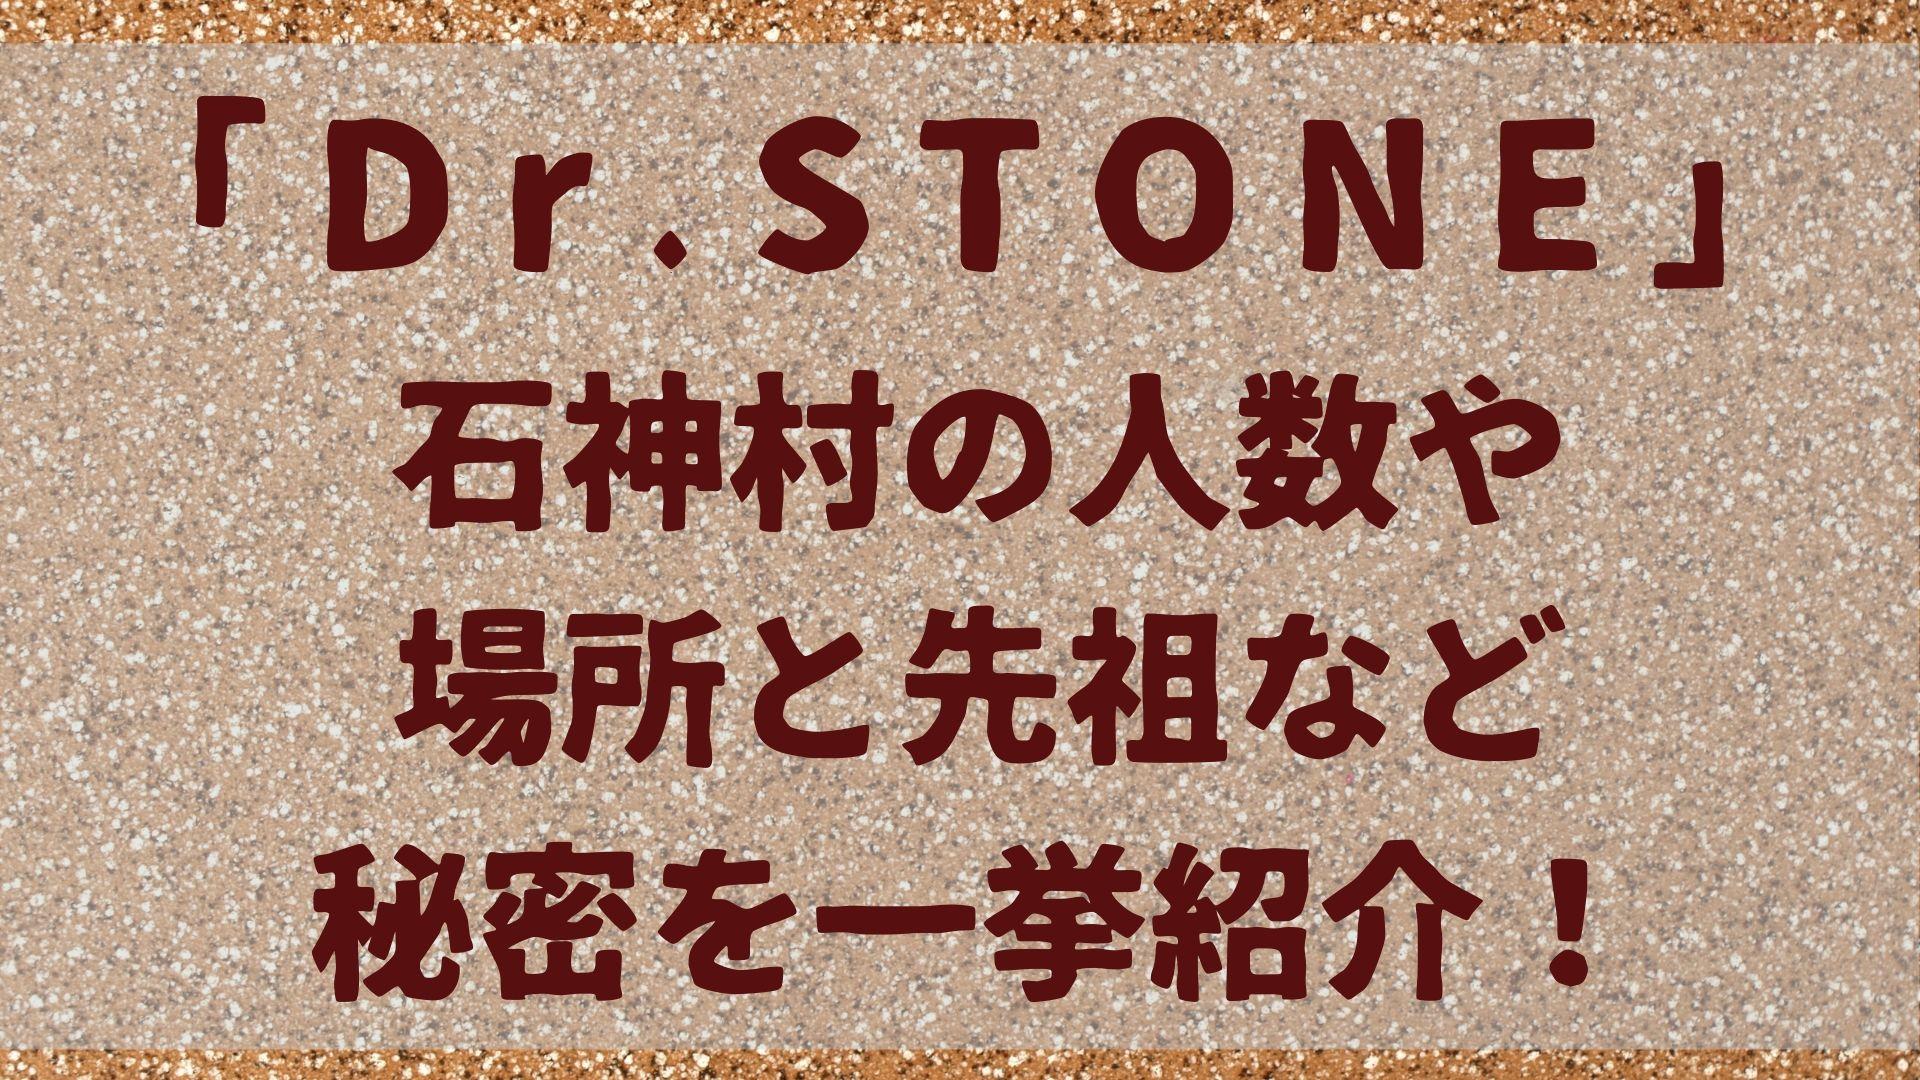 「ドクターストーン」石神村の人数や場所と先祖など秘密を一挙紹介!